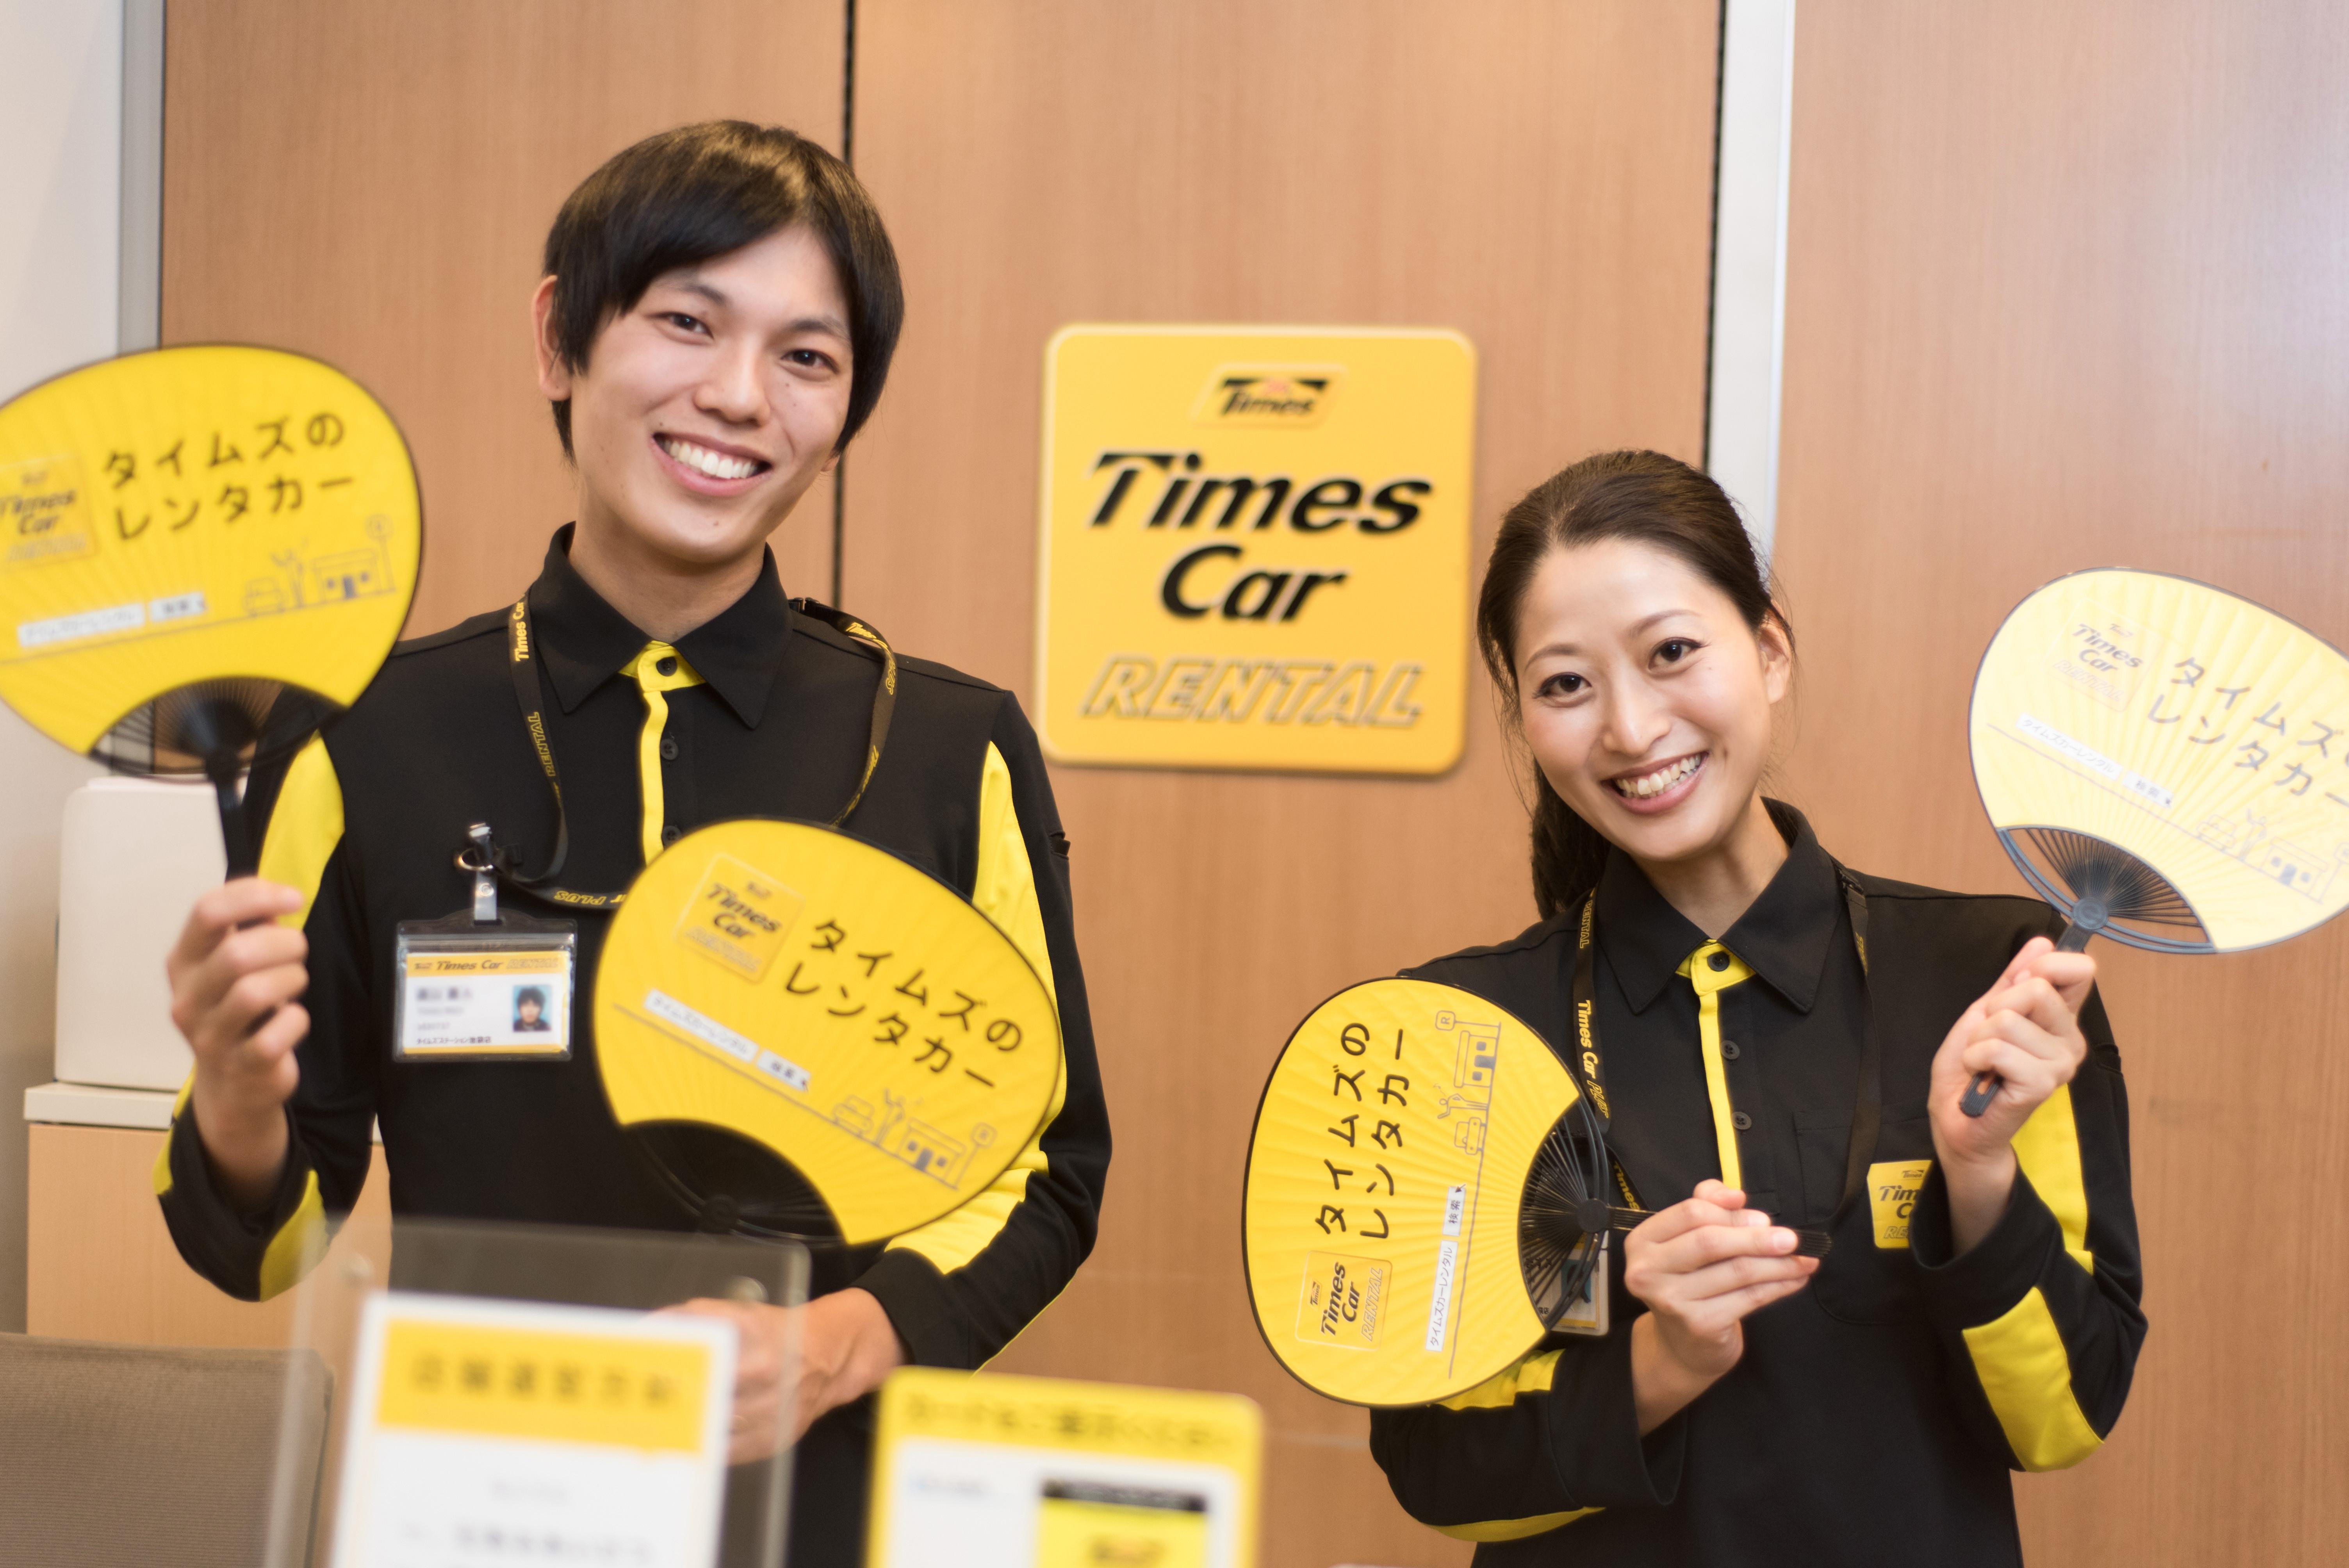 タイムズカーレンタル 長崎空港店 配回送スタッフのアルバイト情報